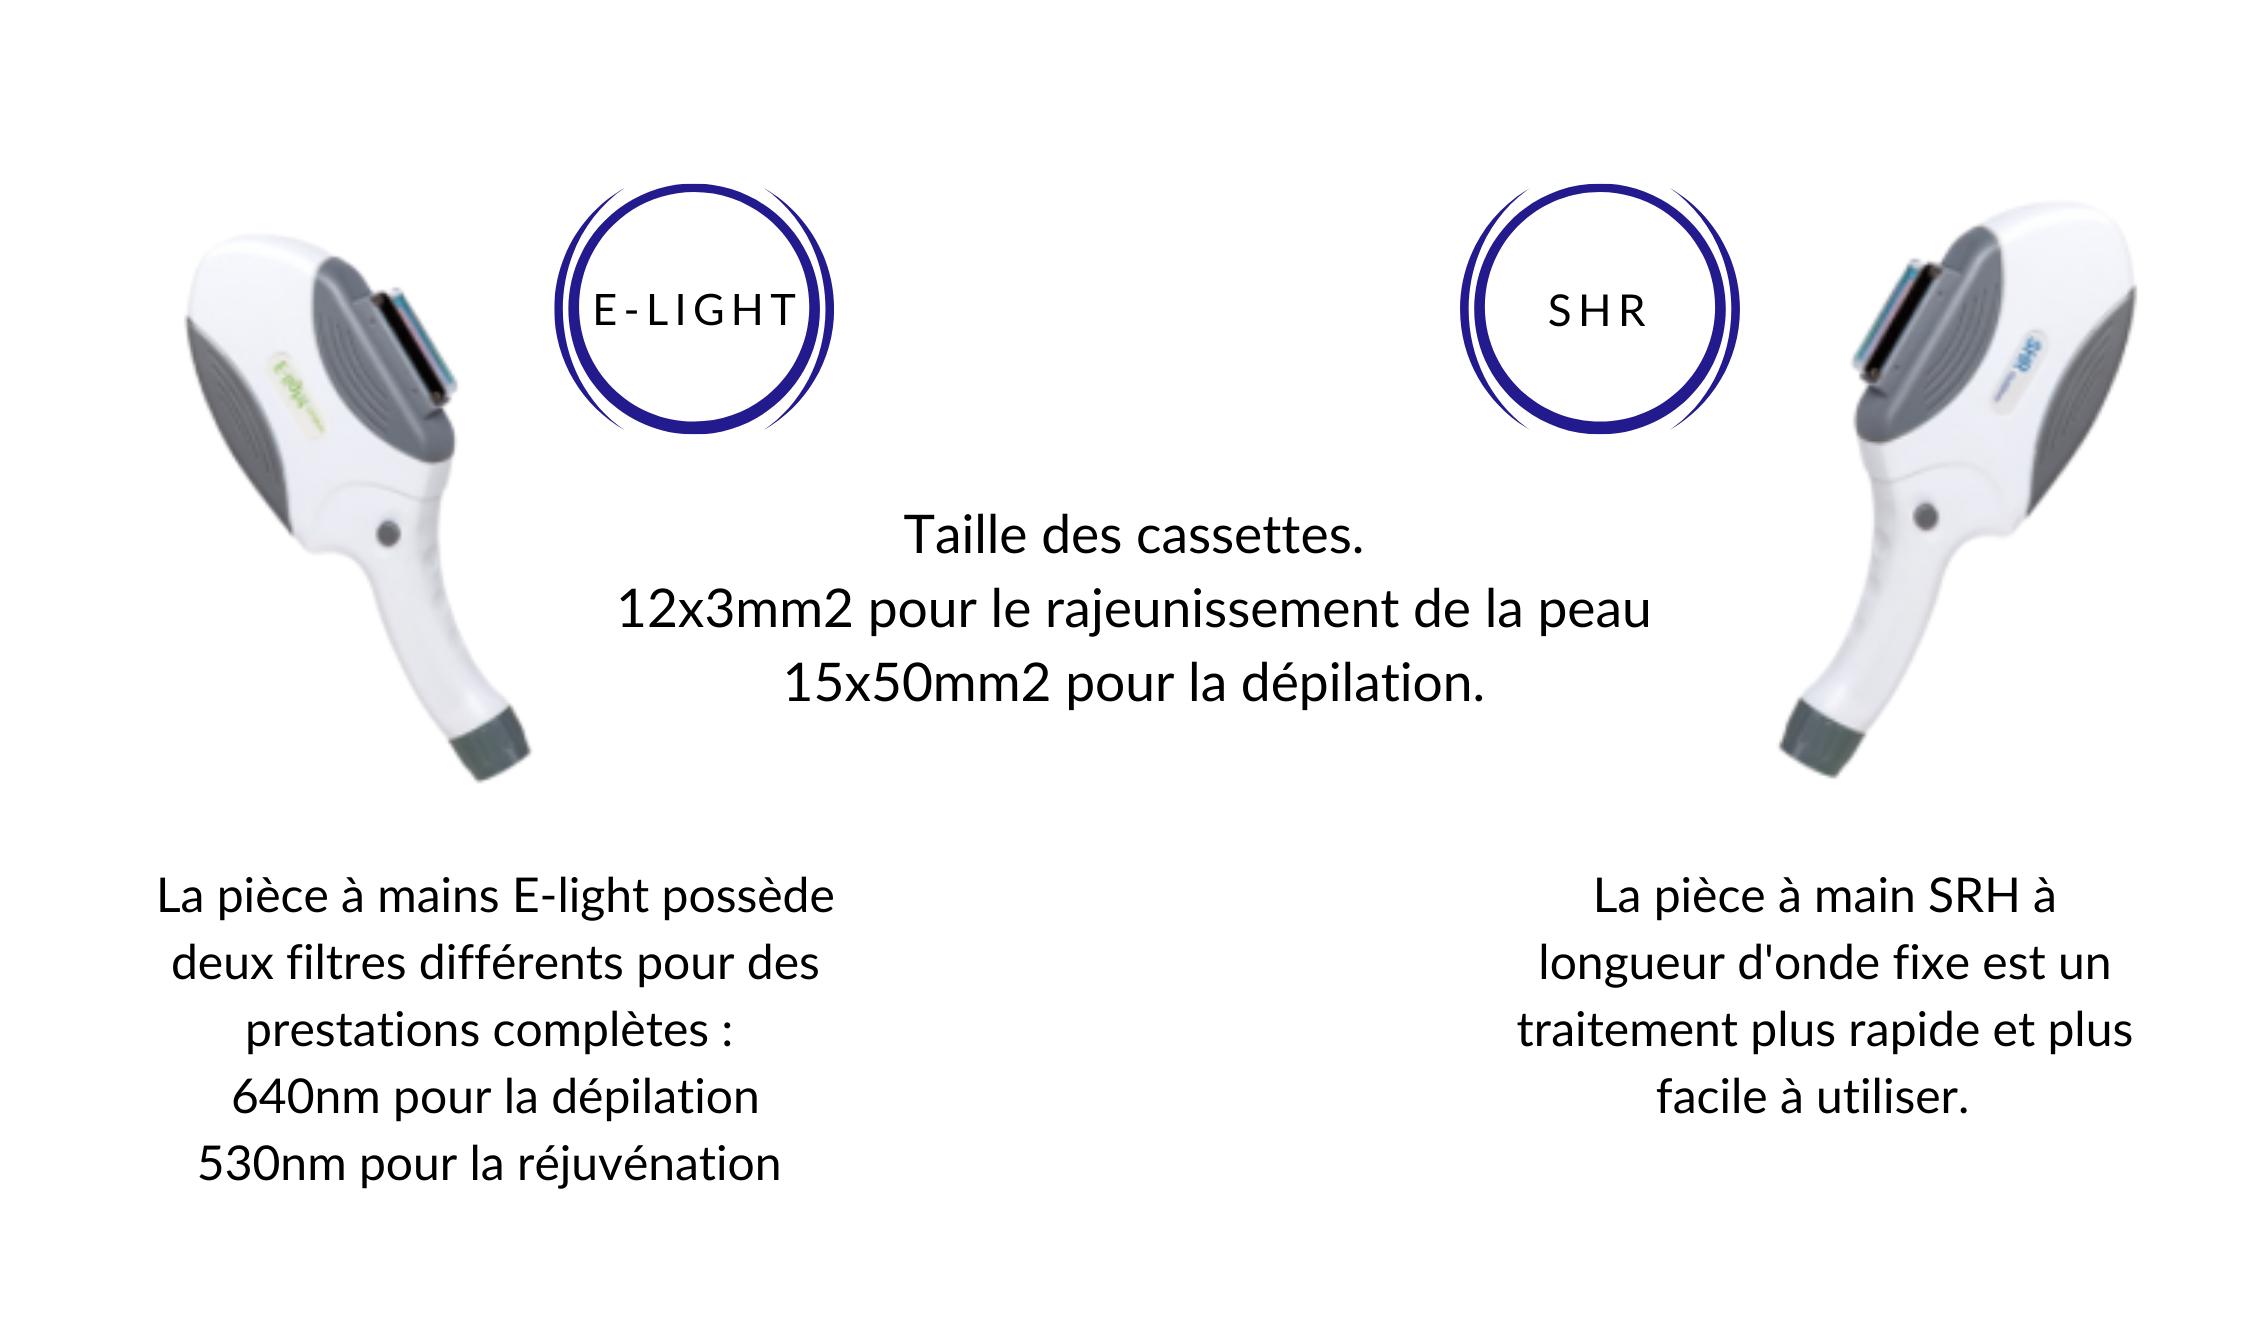 Pièces à mains lumière pulsée - SHR - E-Light - L-PULSE - Lysor liane - grossiste esthétique